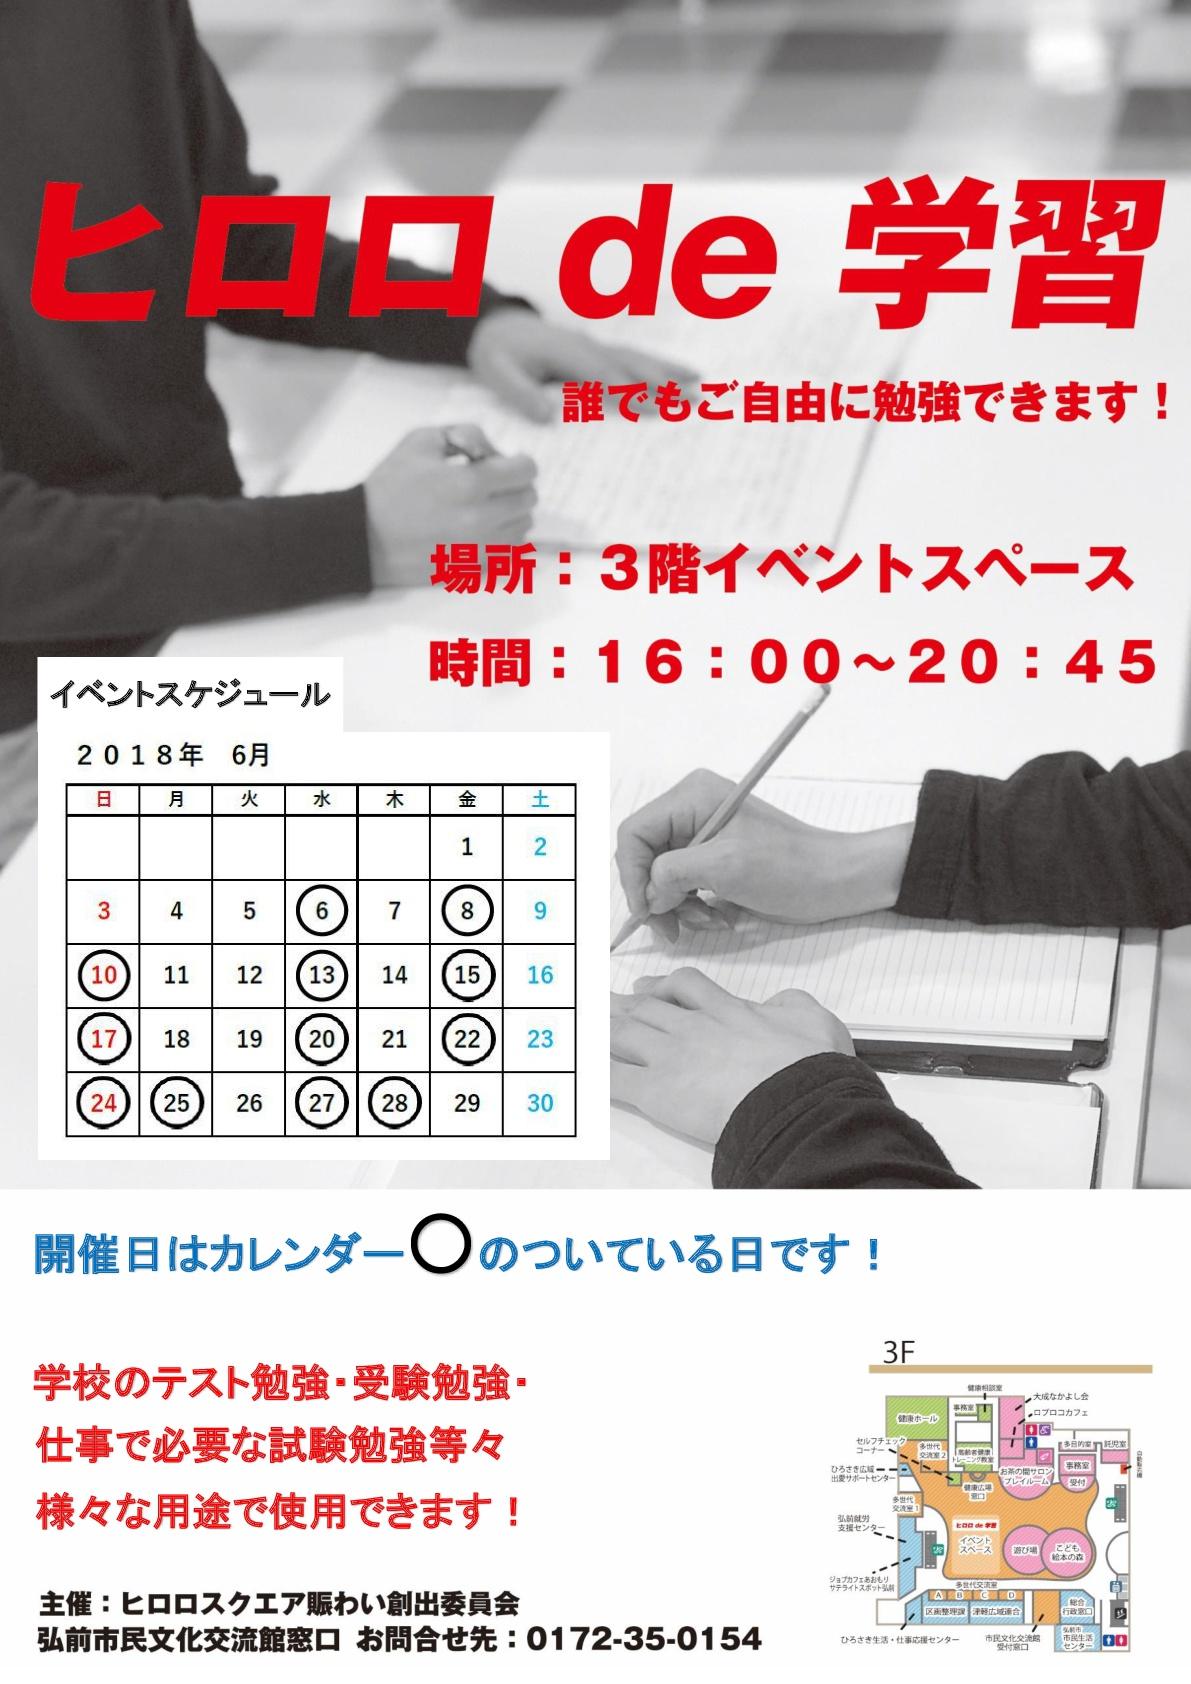 ヒロロde学習チラシ6月.jpg